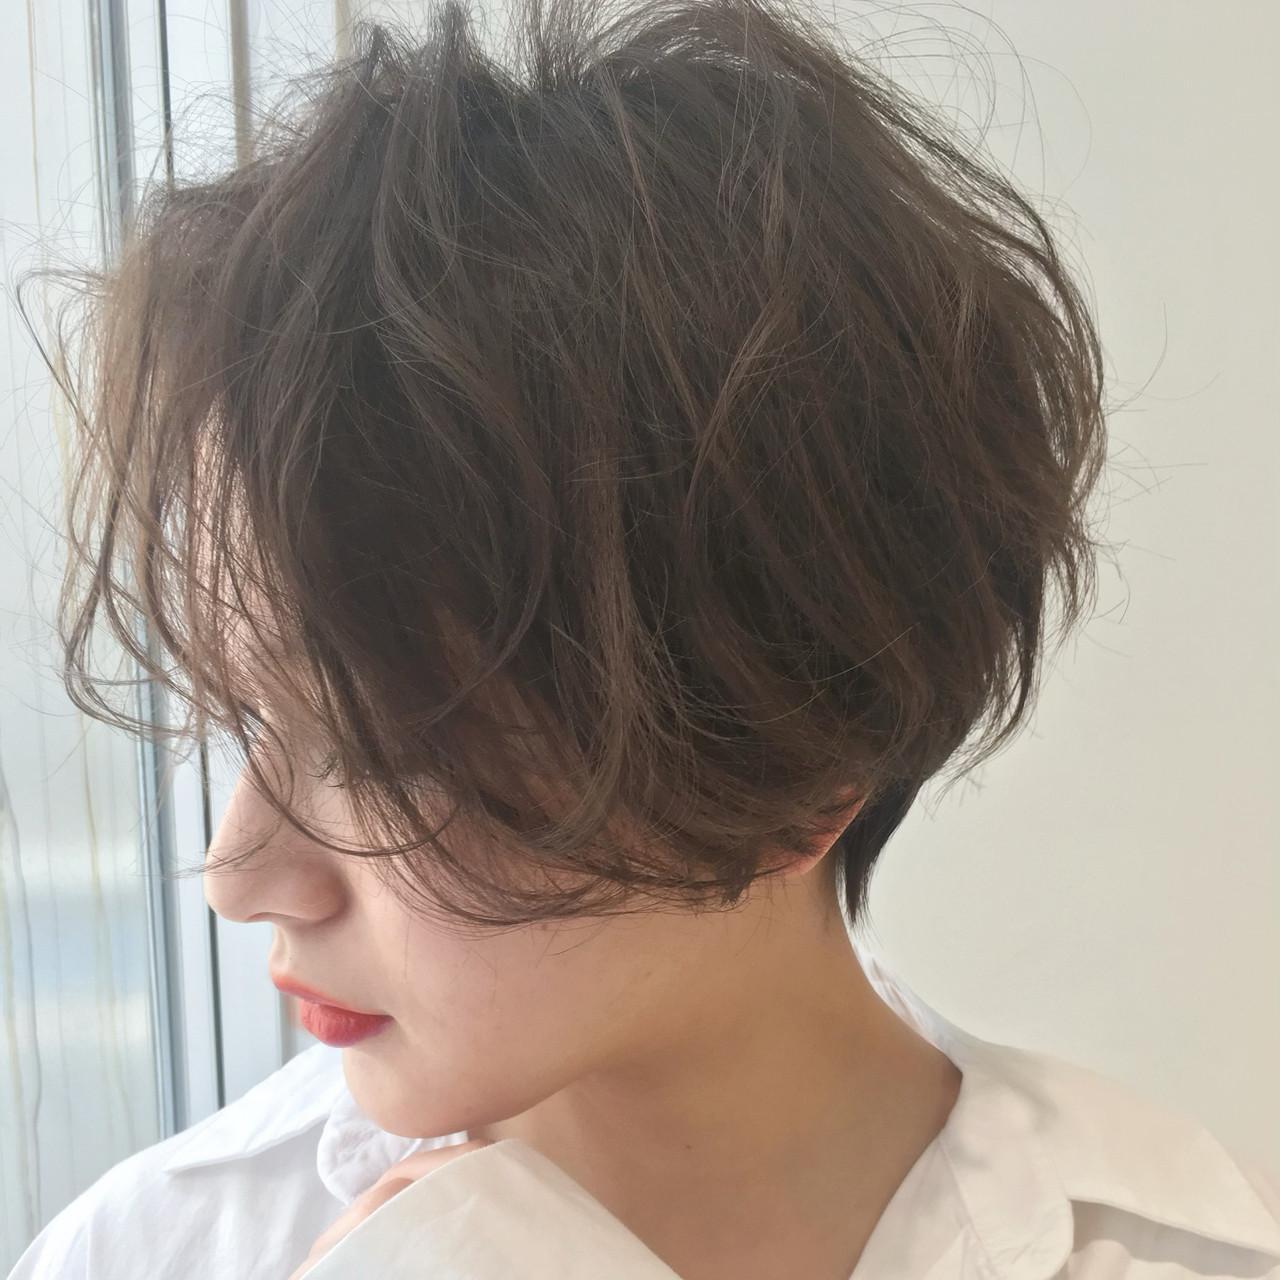 色気 センターパート パーマ ゆるふわ ヘアスタイルや髪型の写真・画像 | LIPPS銀座 安田愛佳 / LIPPS 銀座